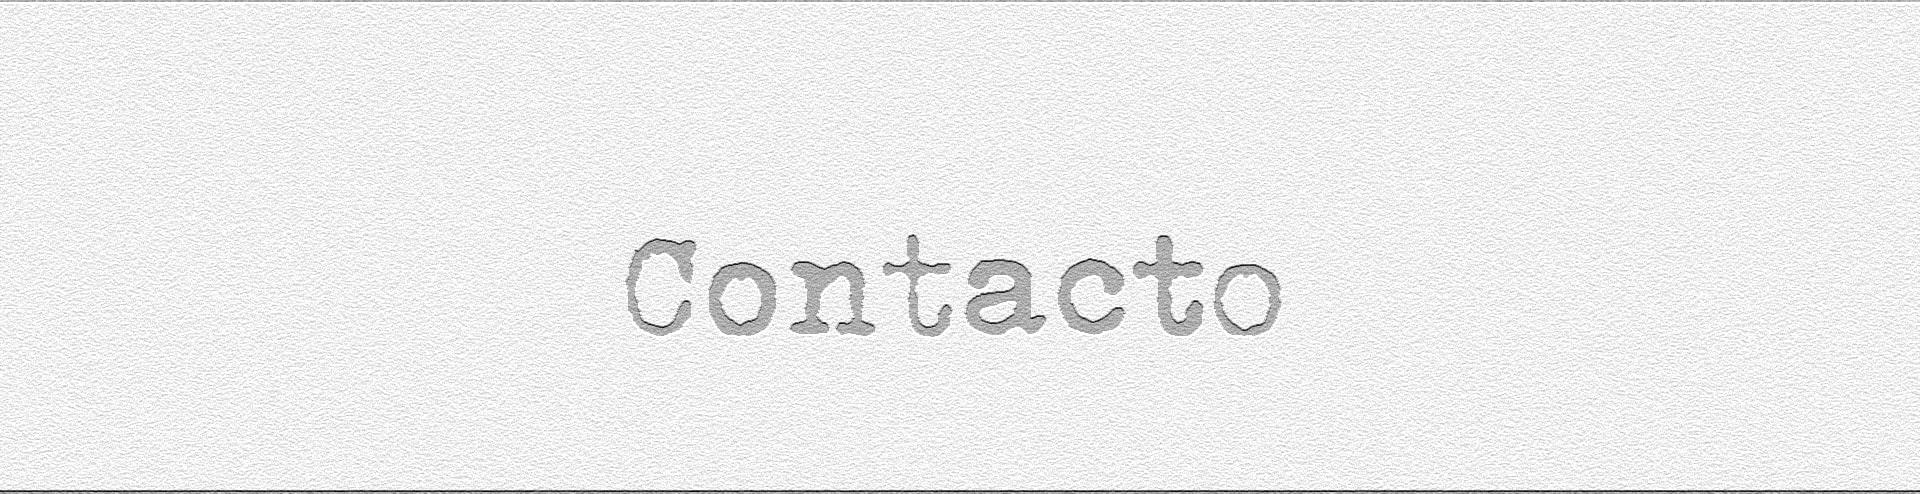 el letrero de contacto